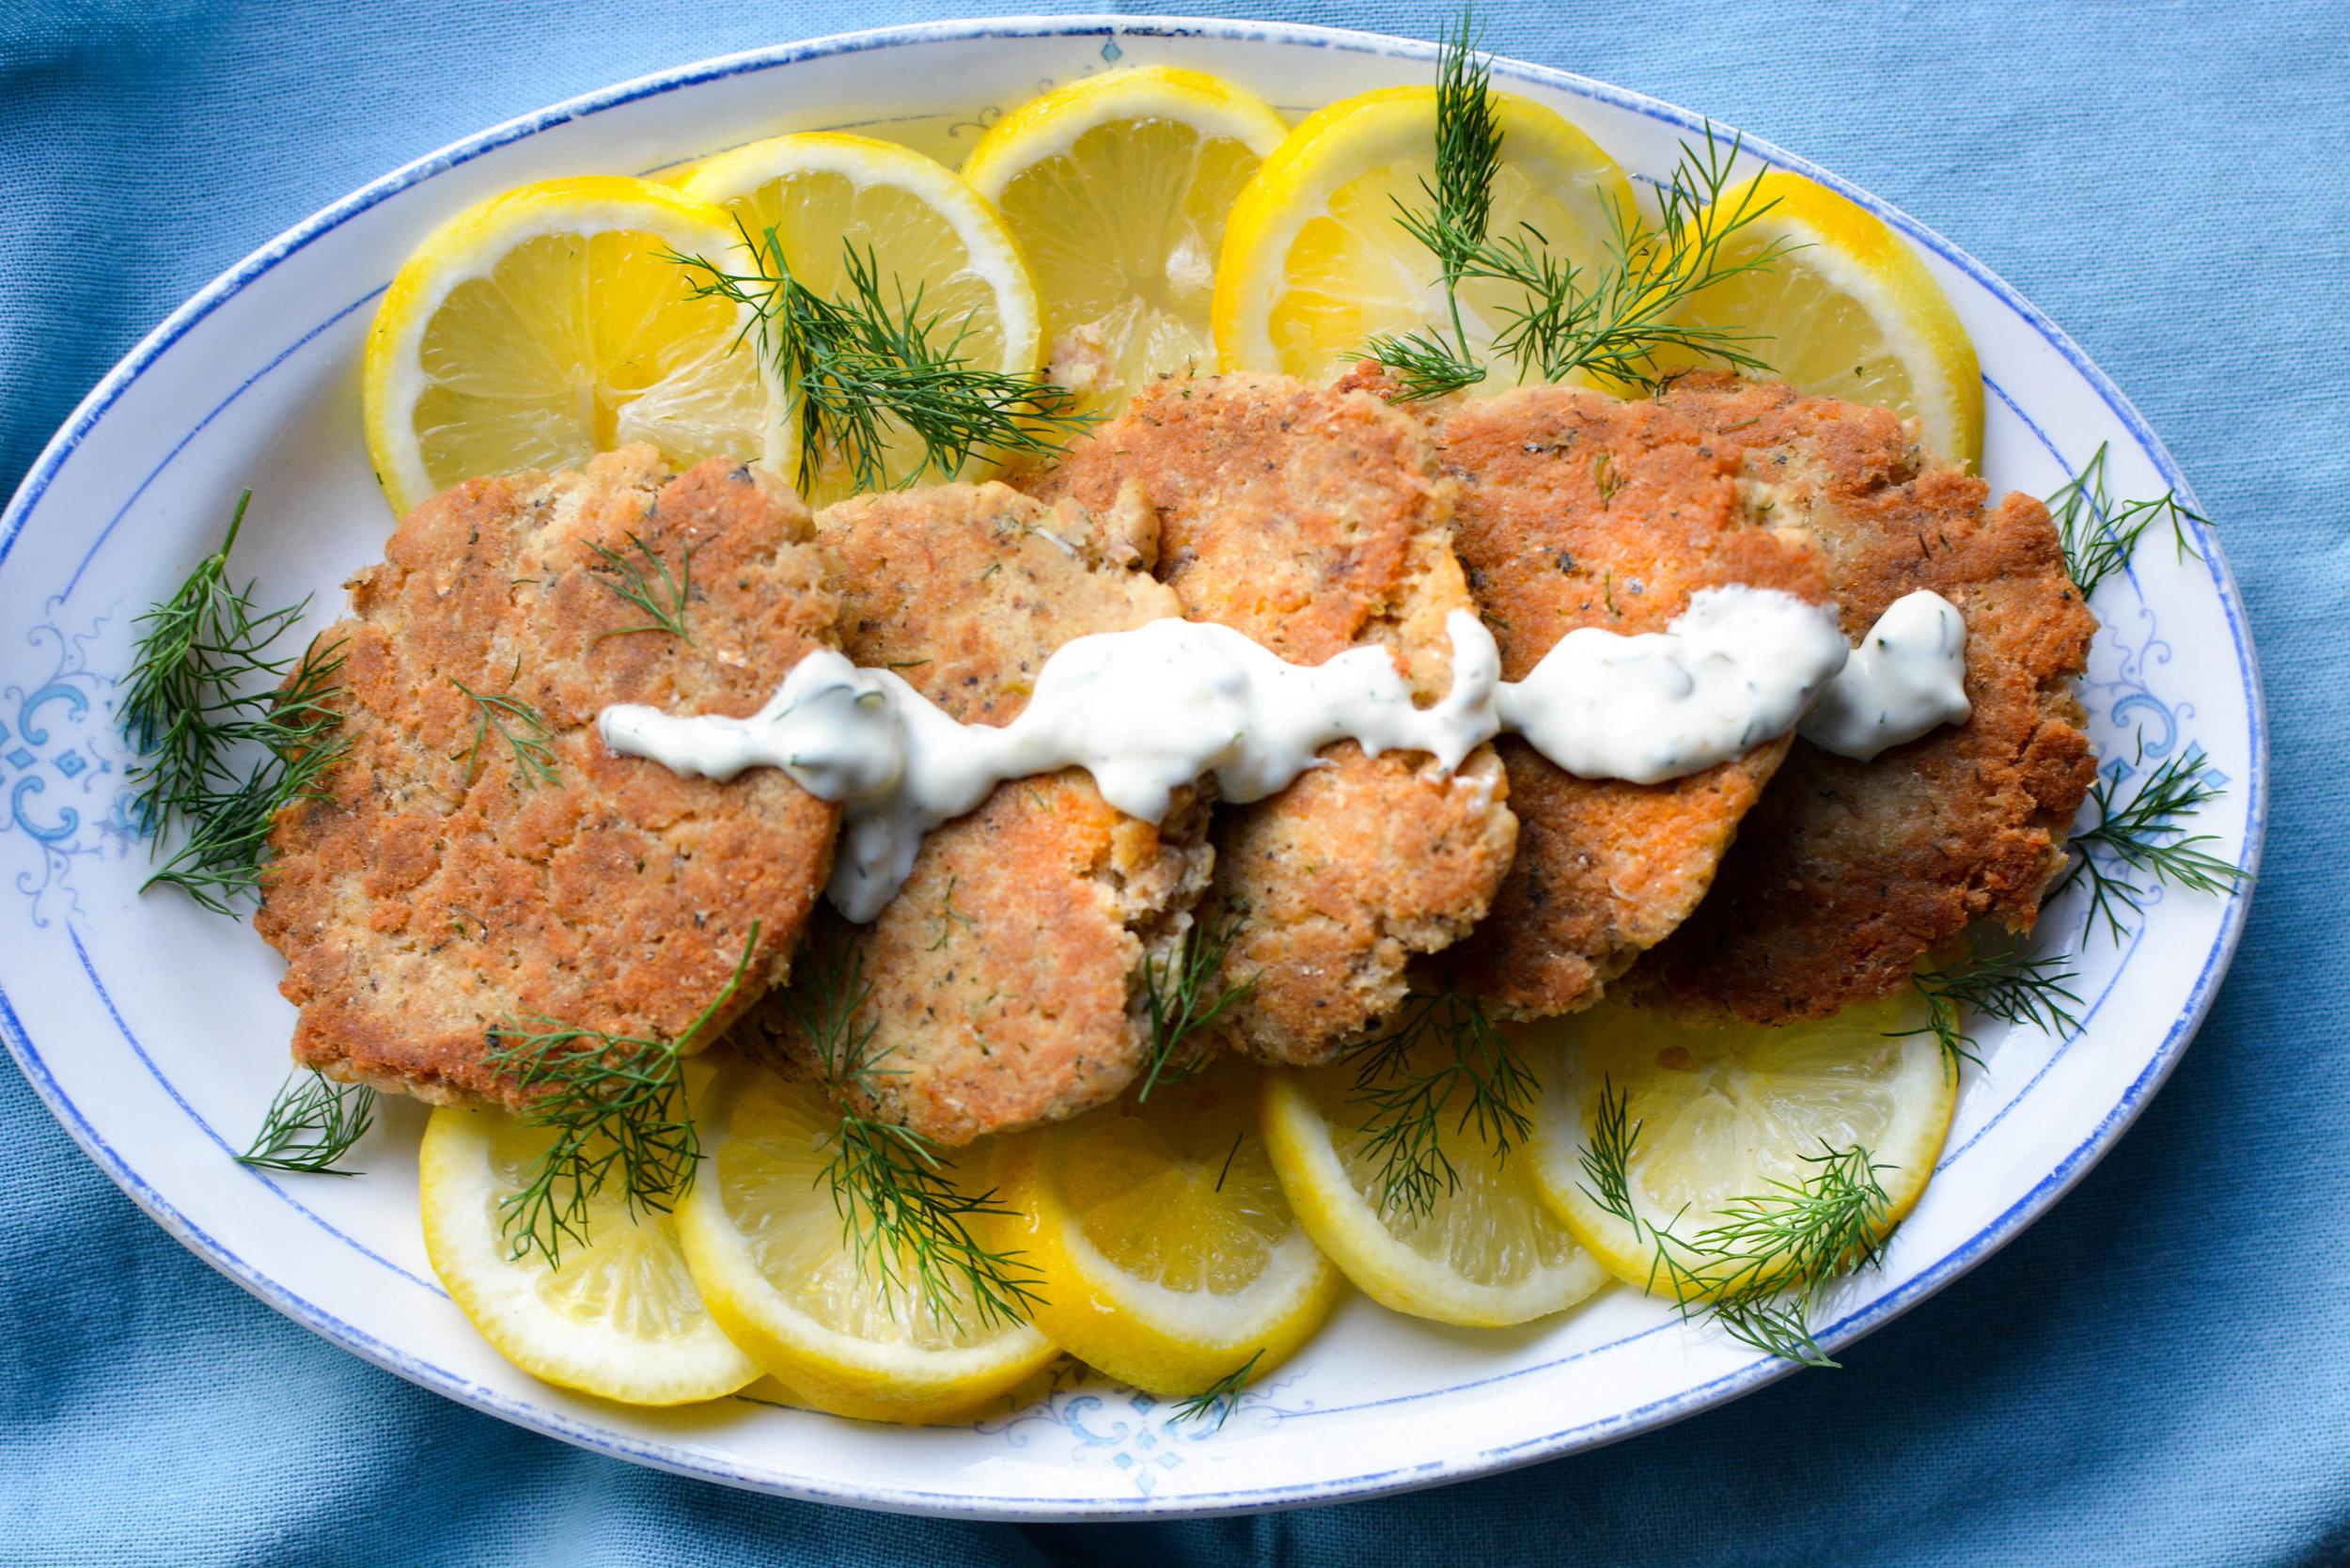 salmon cakes, sauce and lemons